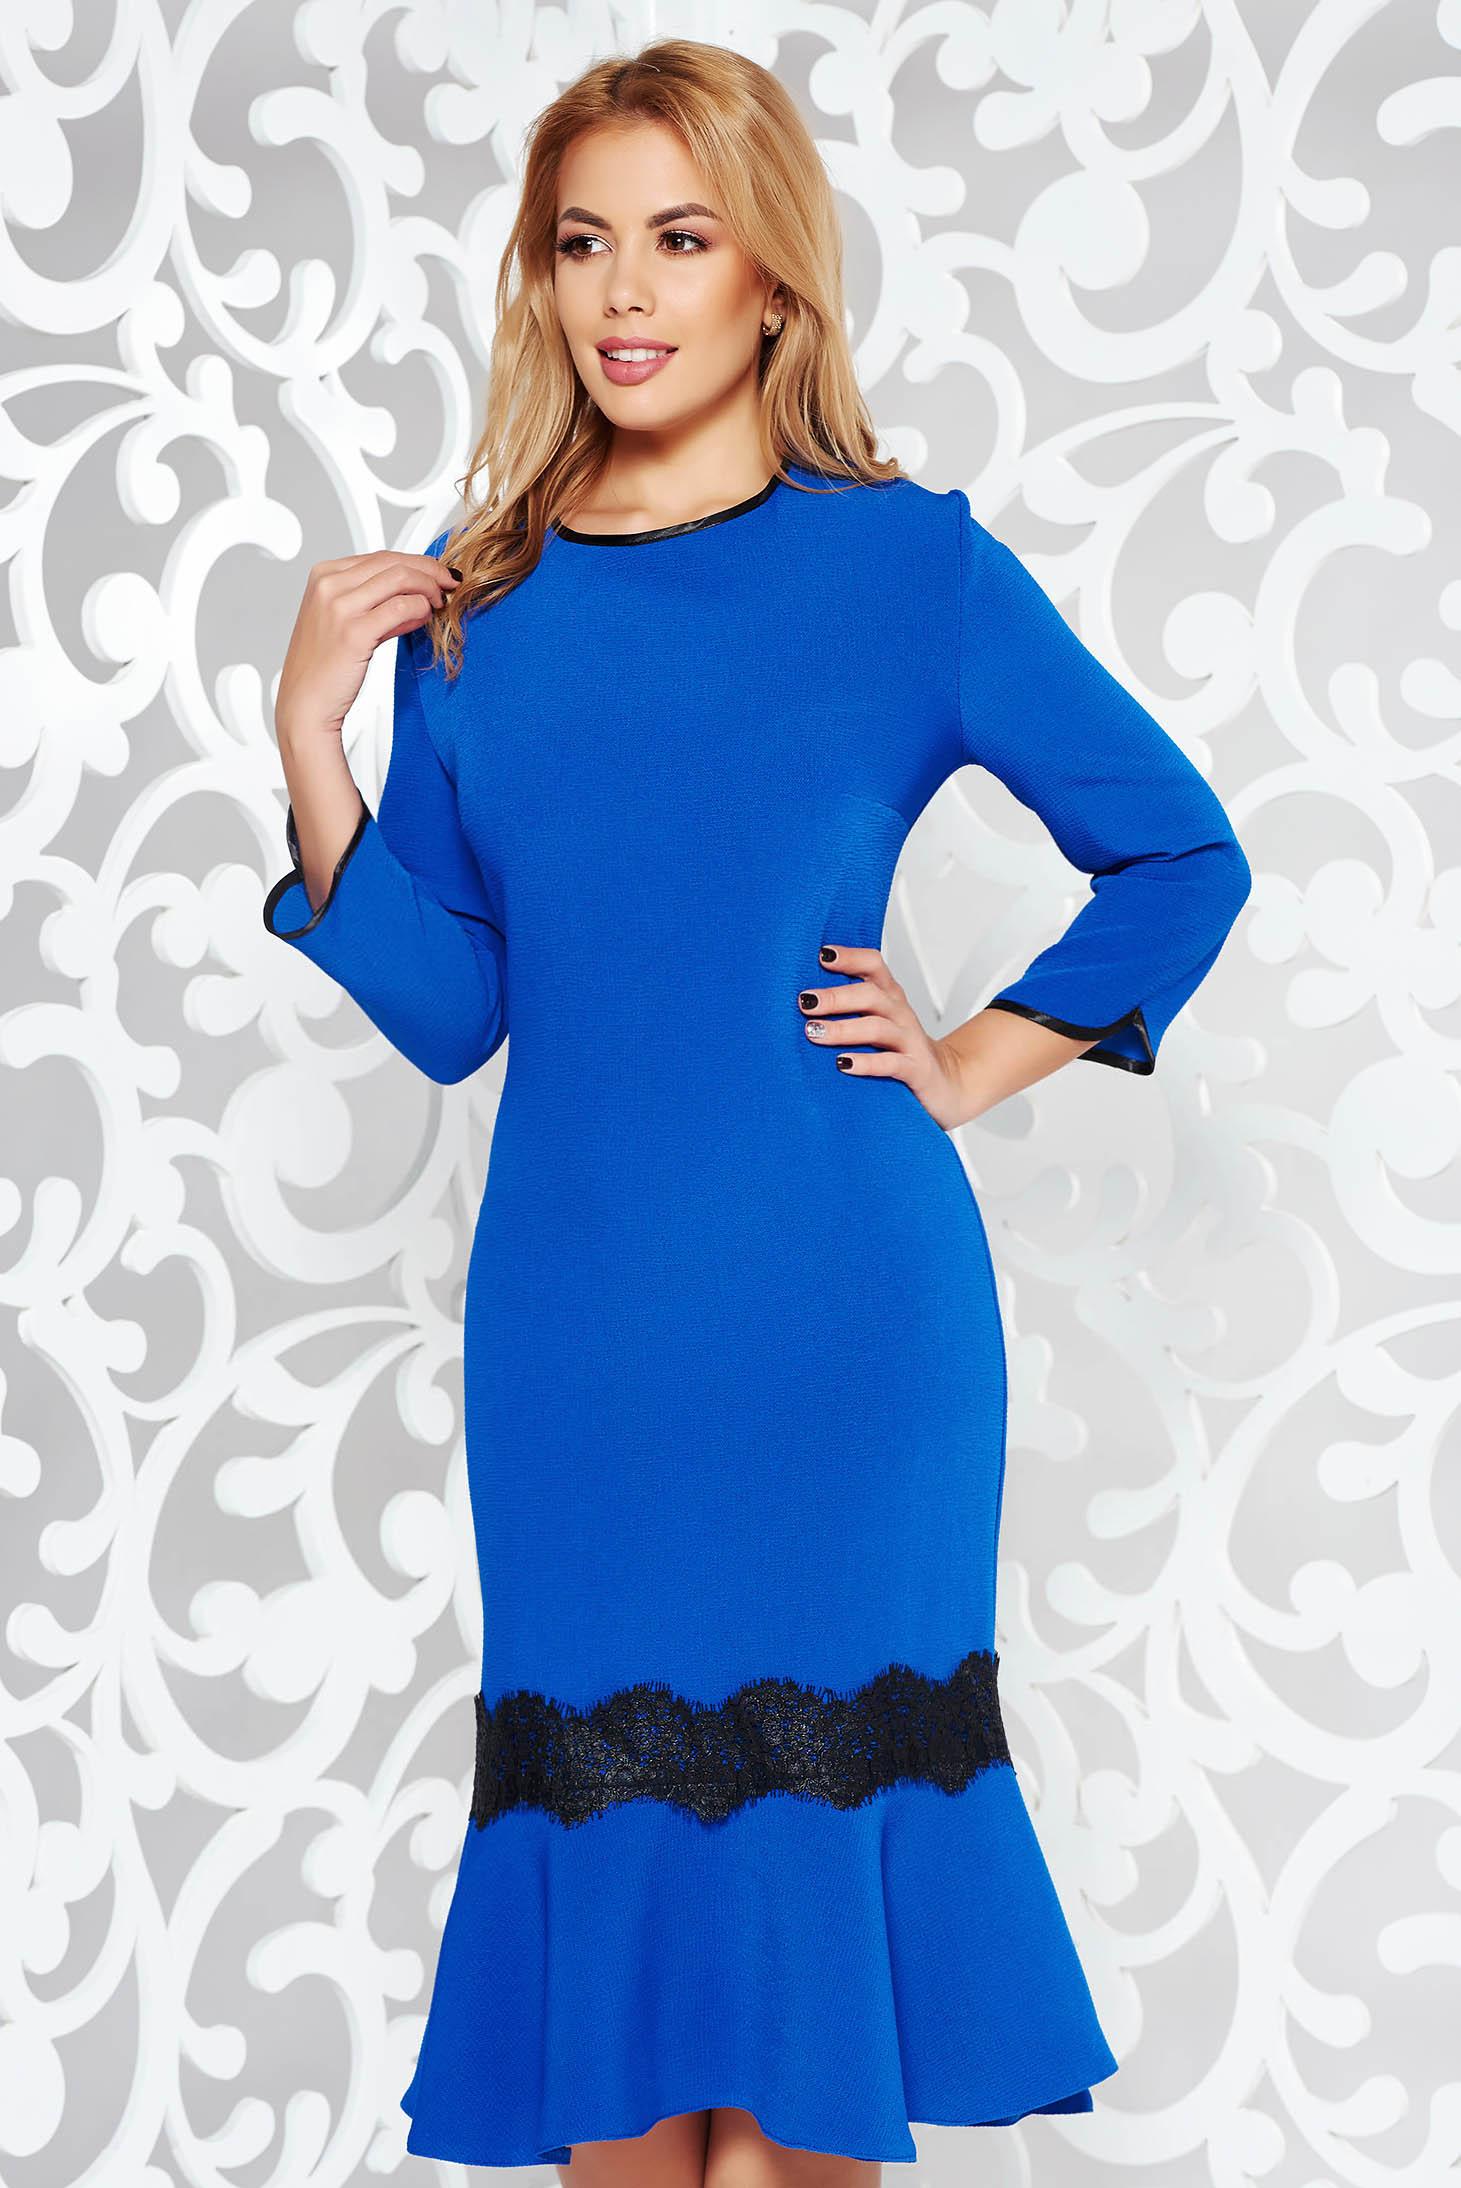 07d684947f Kék elegáns midi ruha enyhén elasztikus szövet csipke díszítéssel fodrokkal  a ruha alján